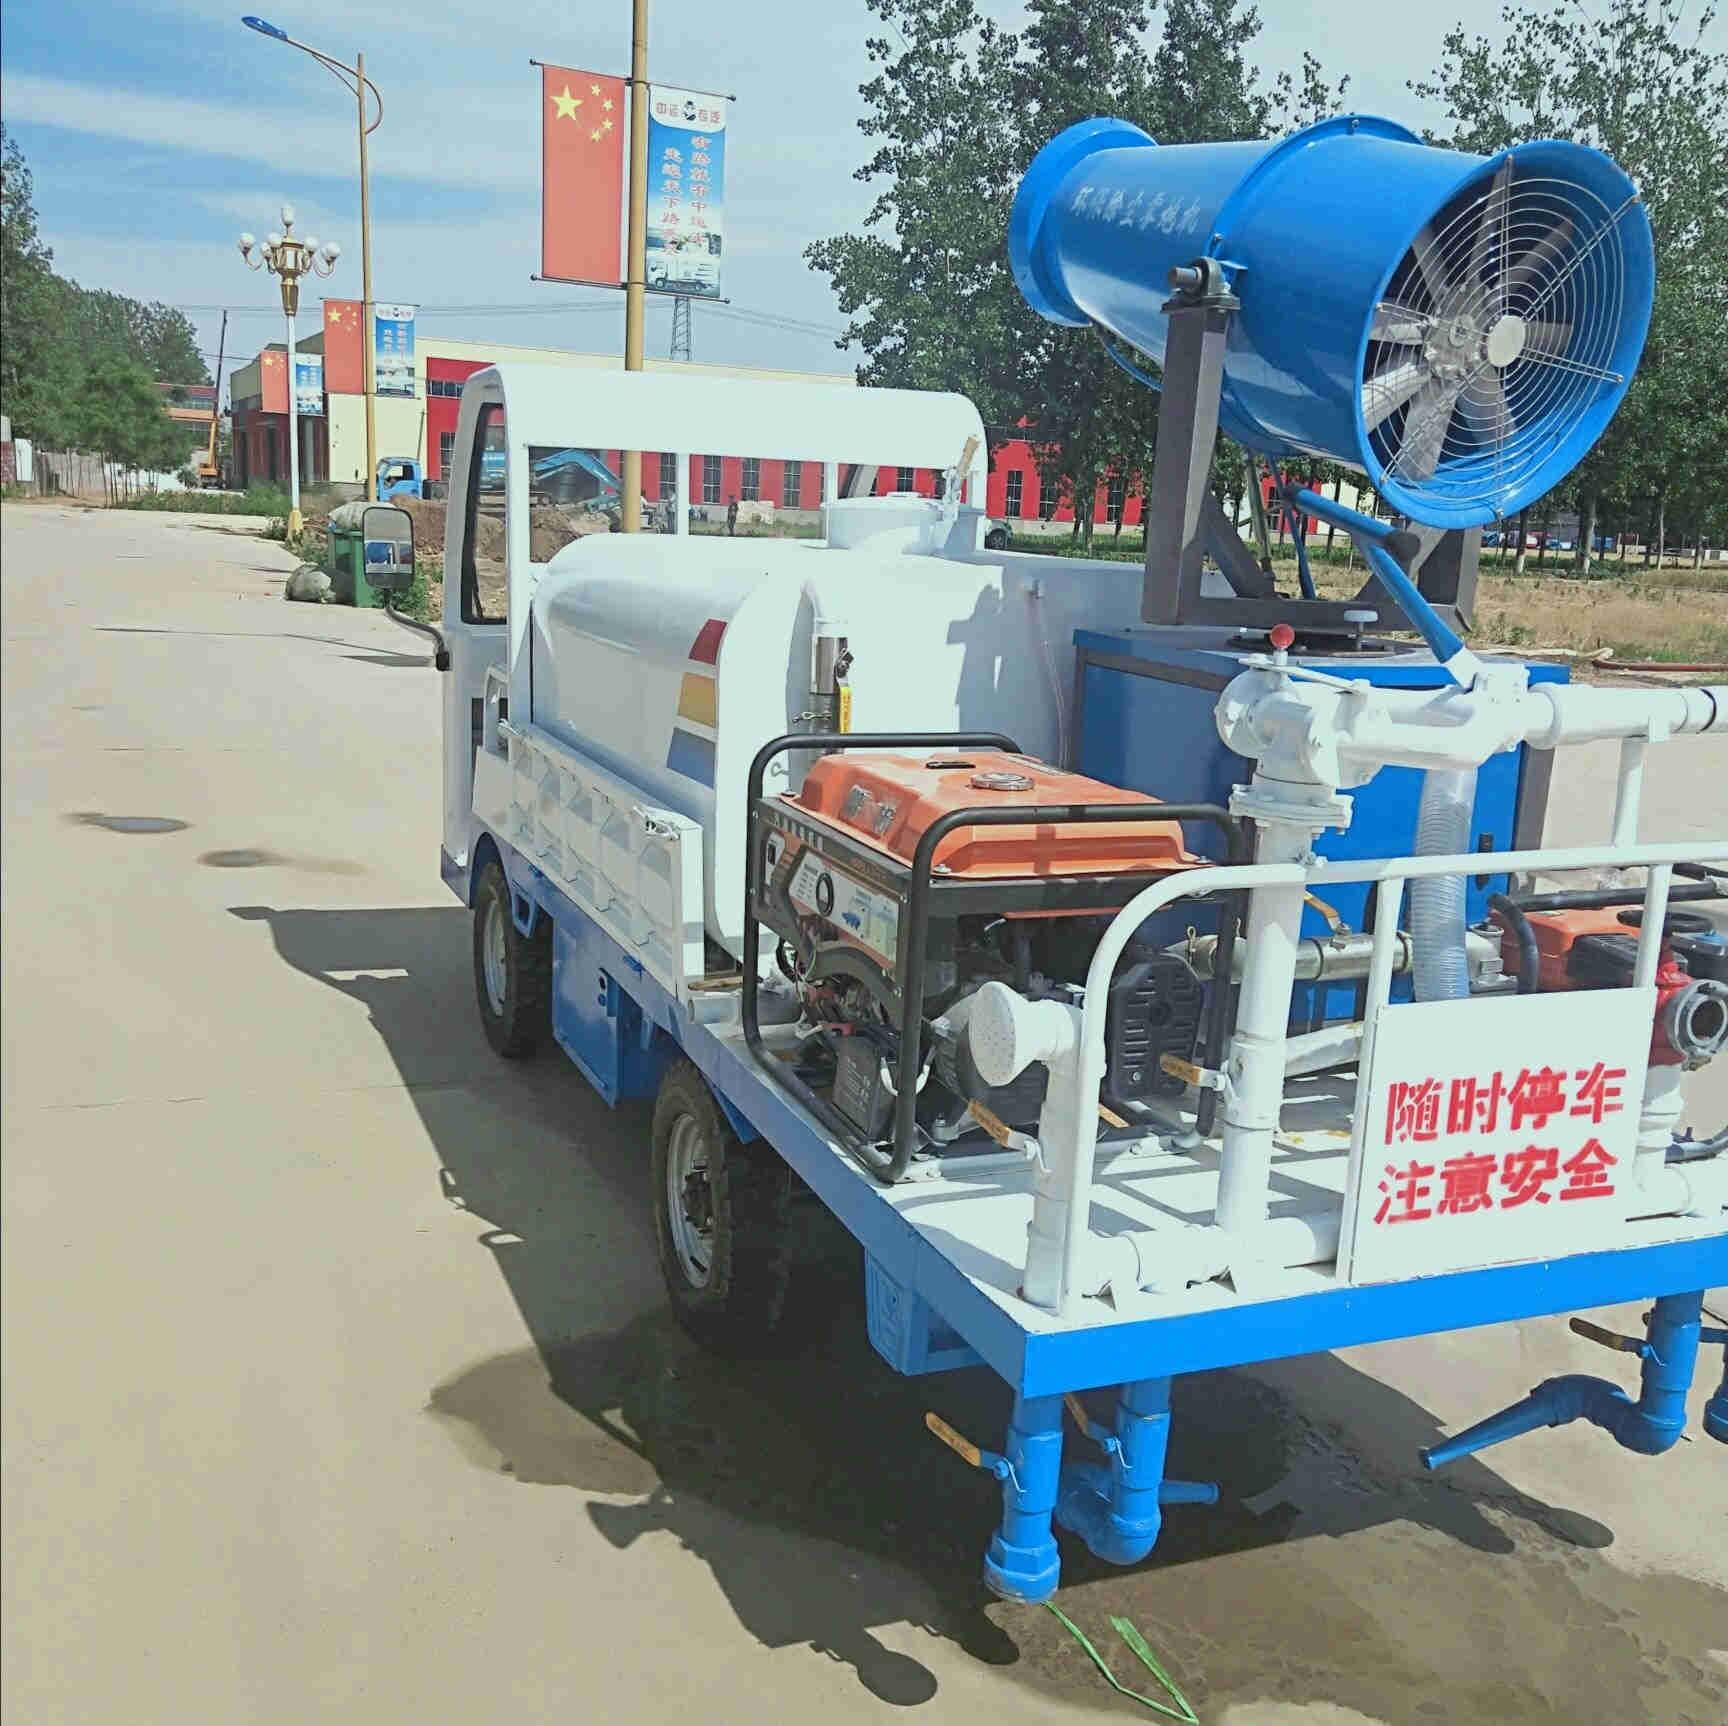 湘潭20吨大型洒水车供应厂家来电咨询